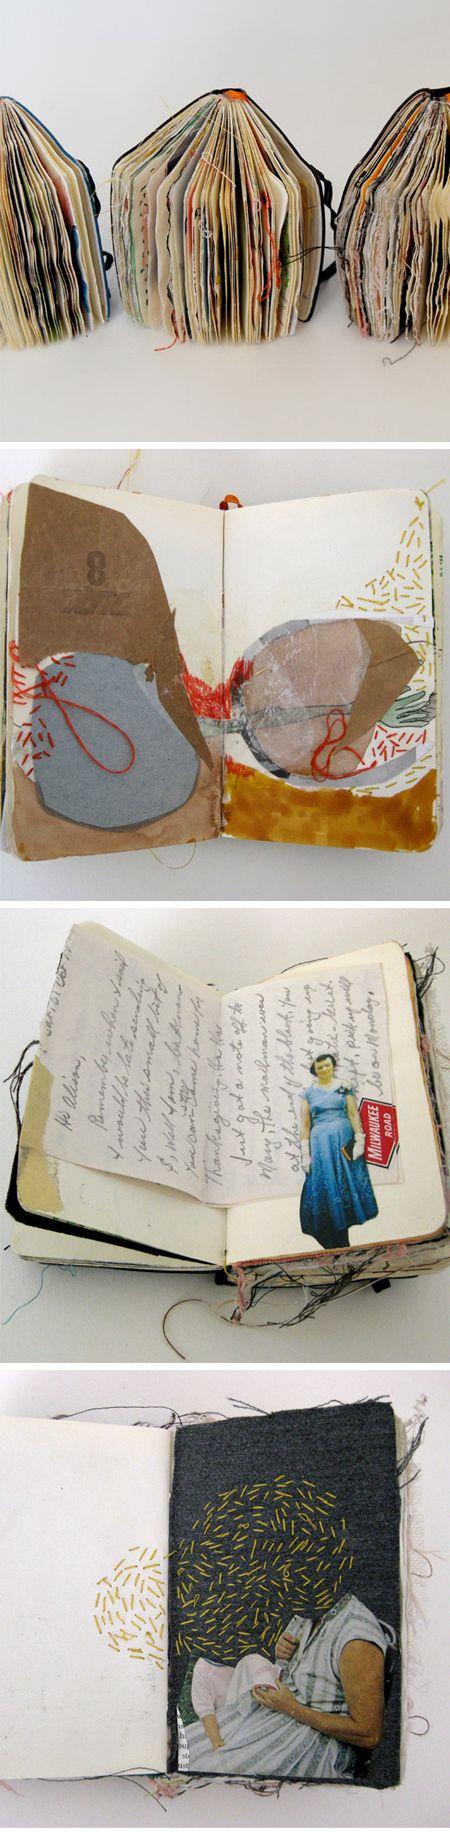 Alison Worman's sketchbook